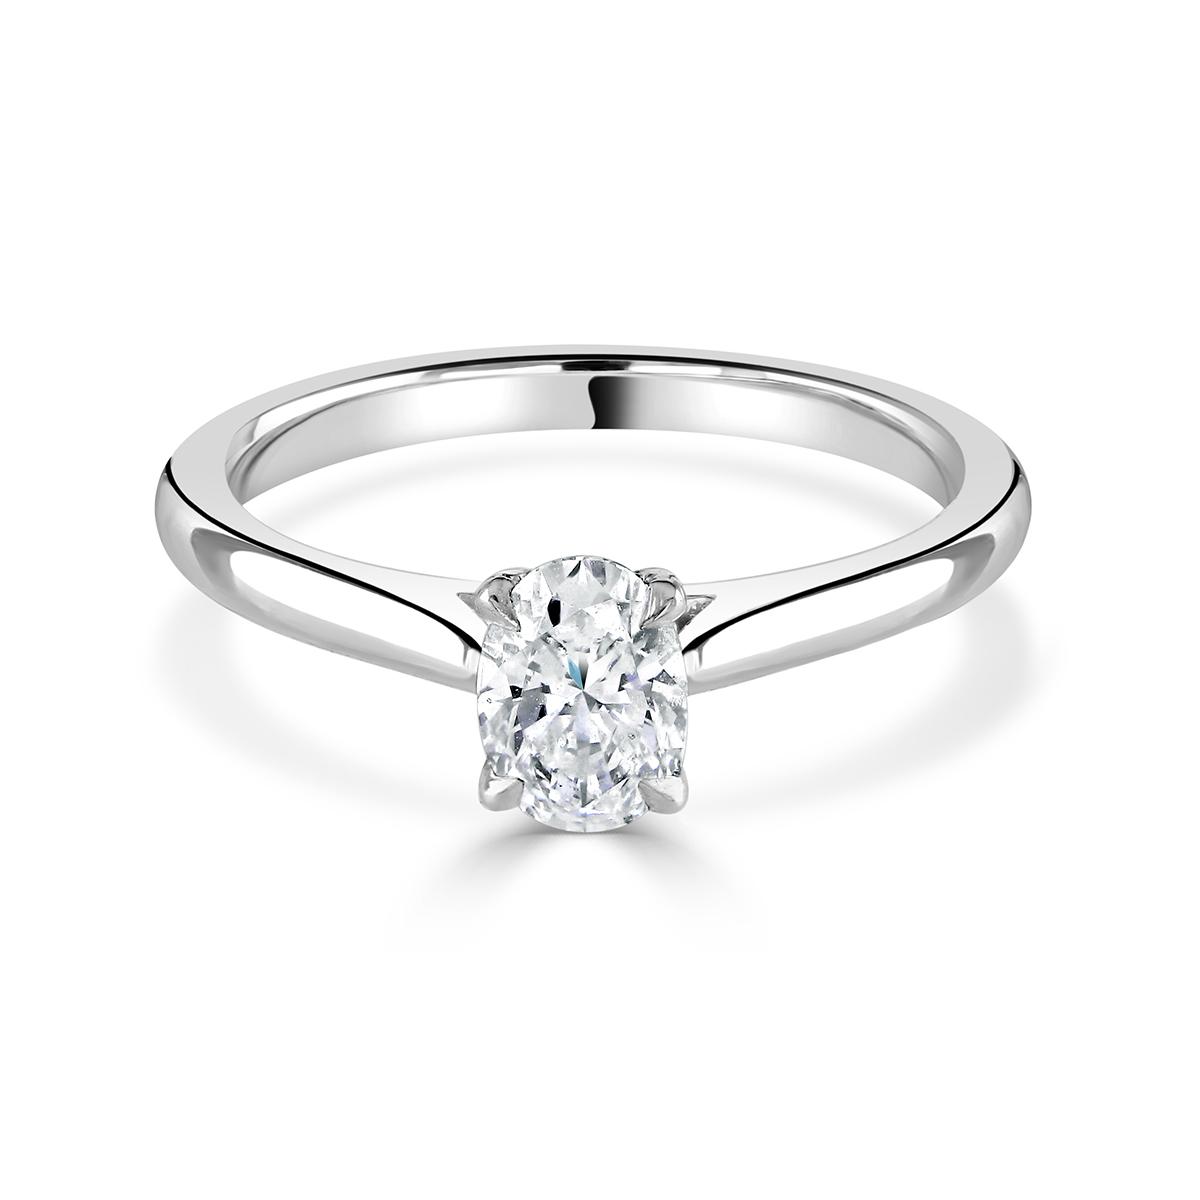 Oval Cut Platinum Diamond Ring